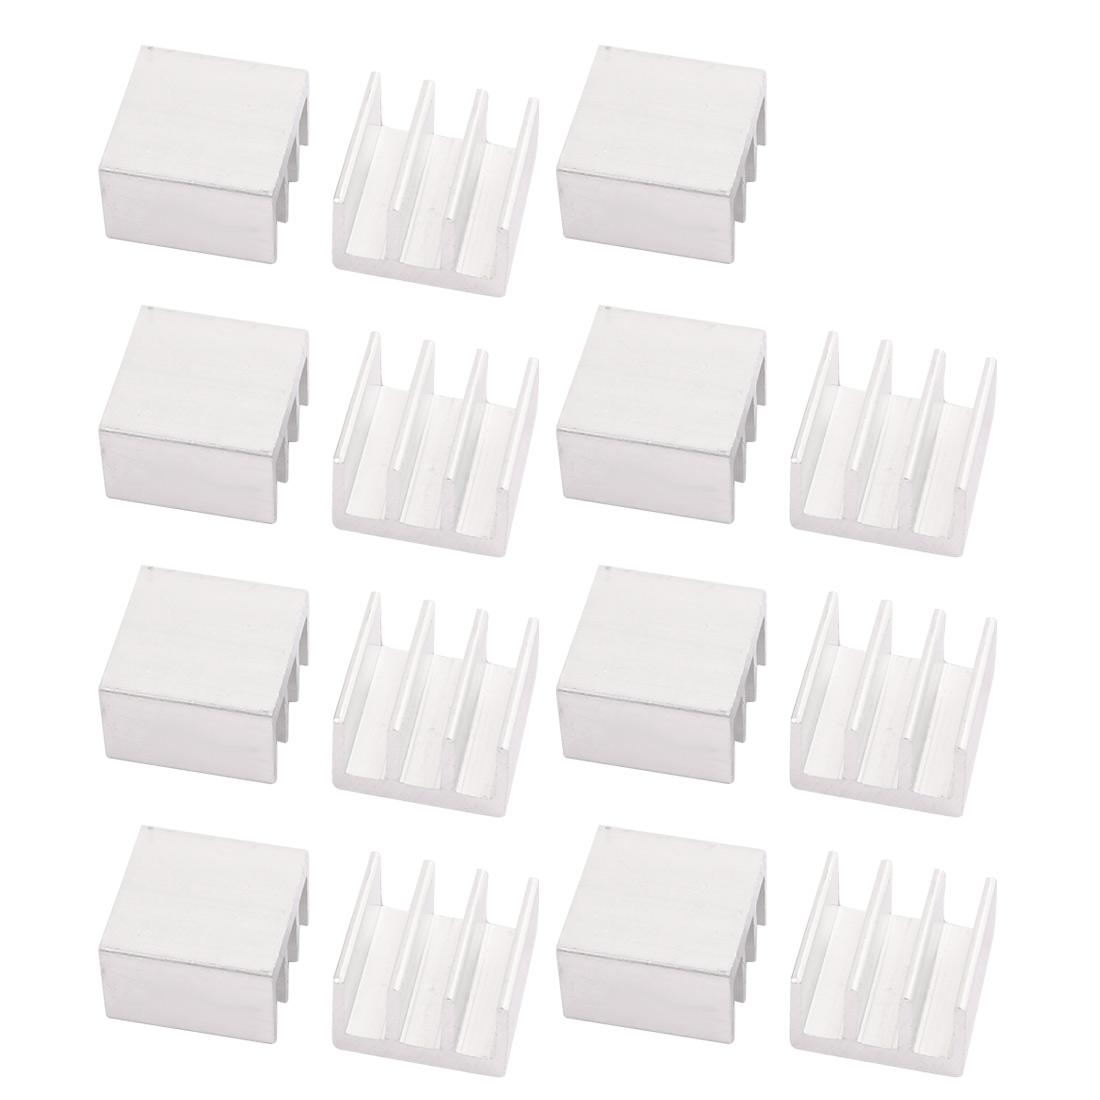 15pcs 16mmx16mmx10mm Aluminum Heatsink Heat Diffuse Cooling Fin